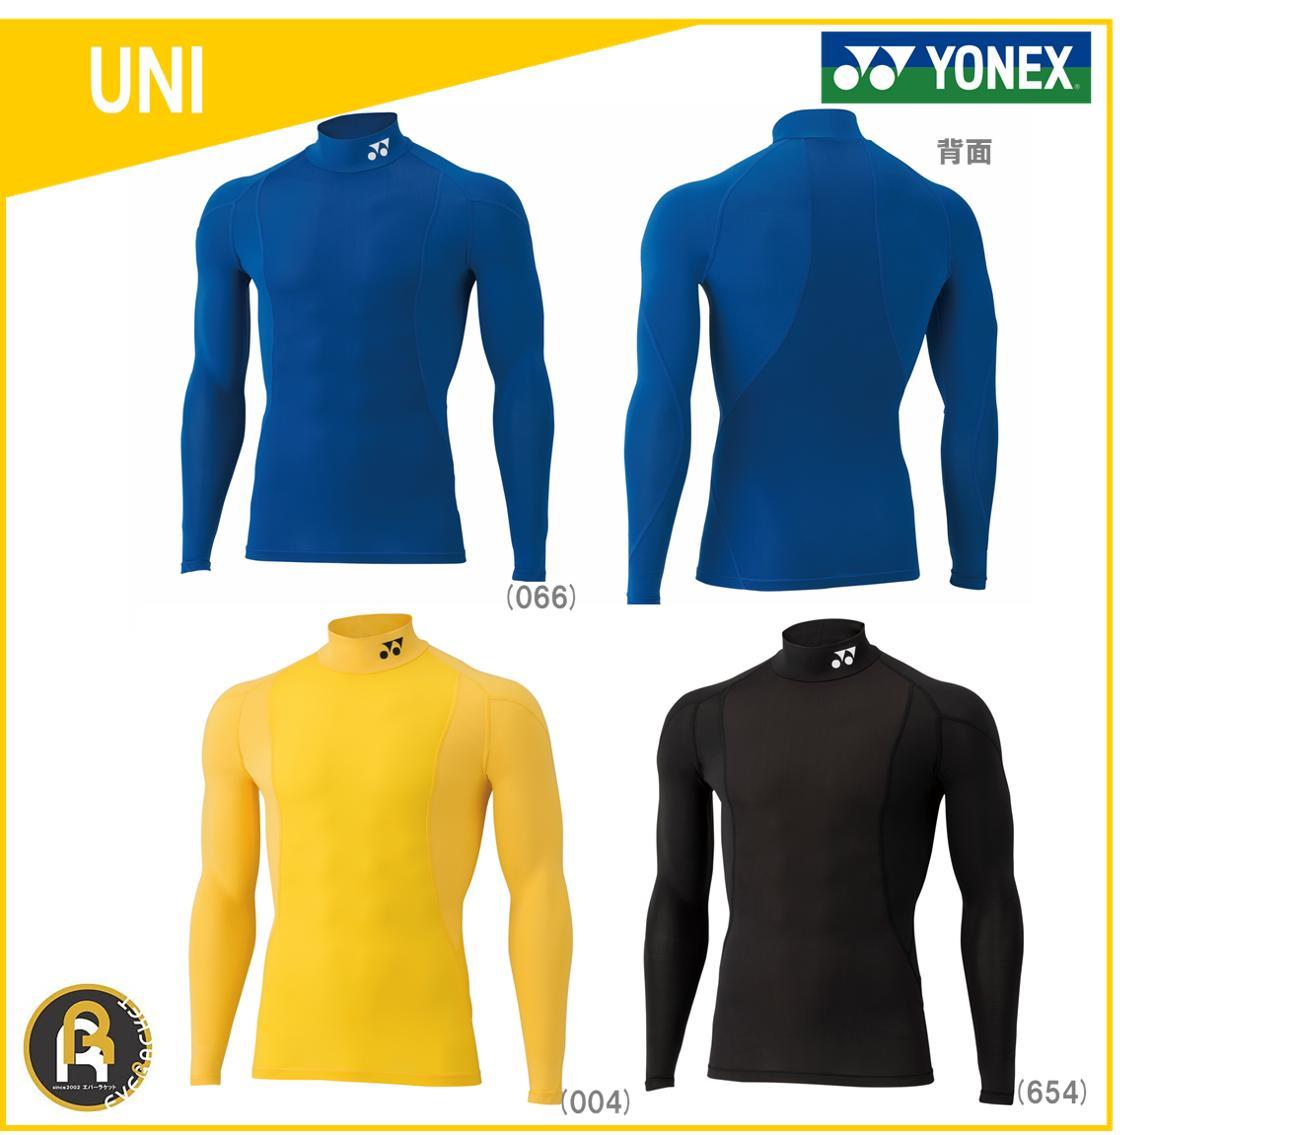 【お買い得商品】STBF1013 YONEX ヨネックス ウェア アンダーシャツ ユニ UNI ハイネック長袖シャツ